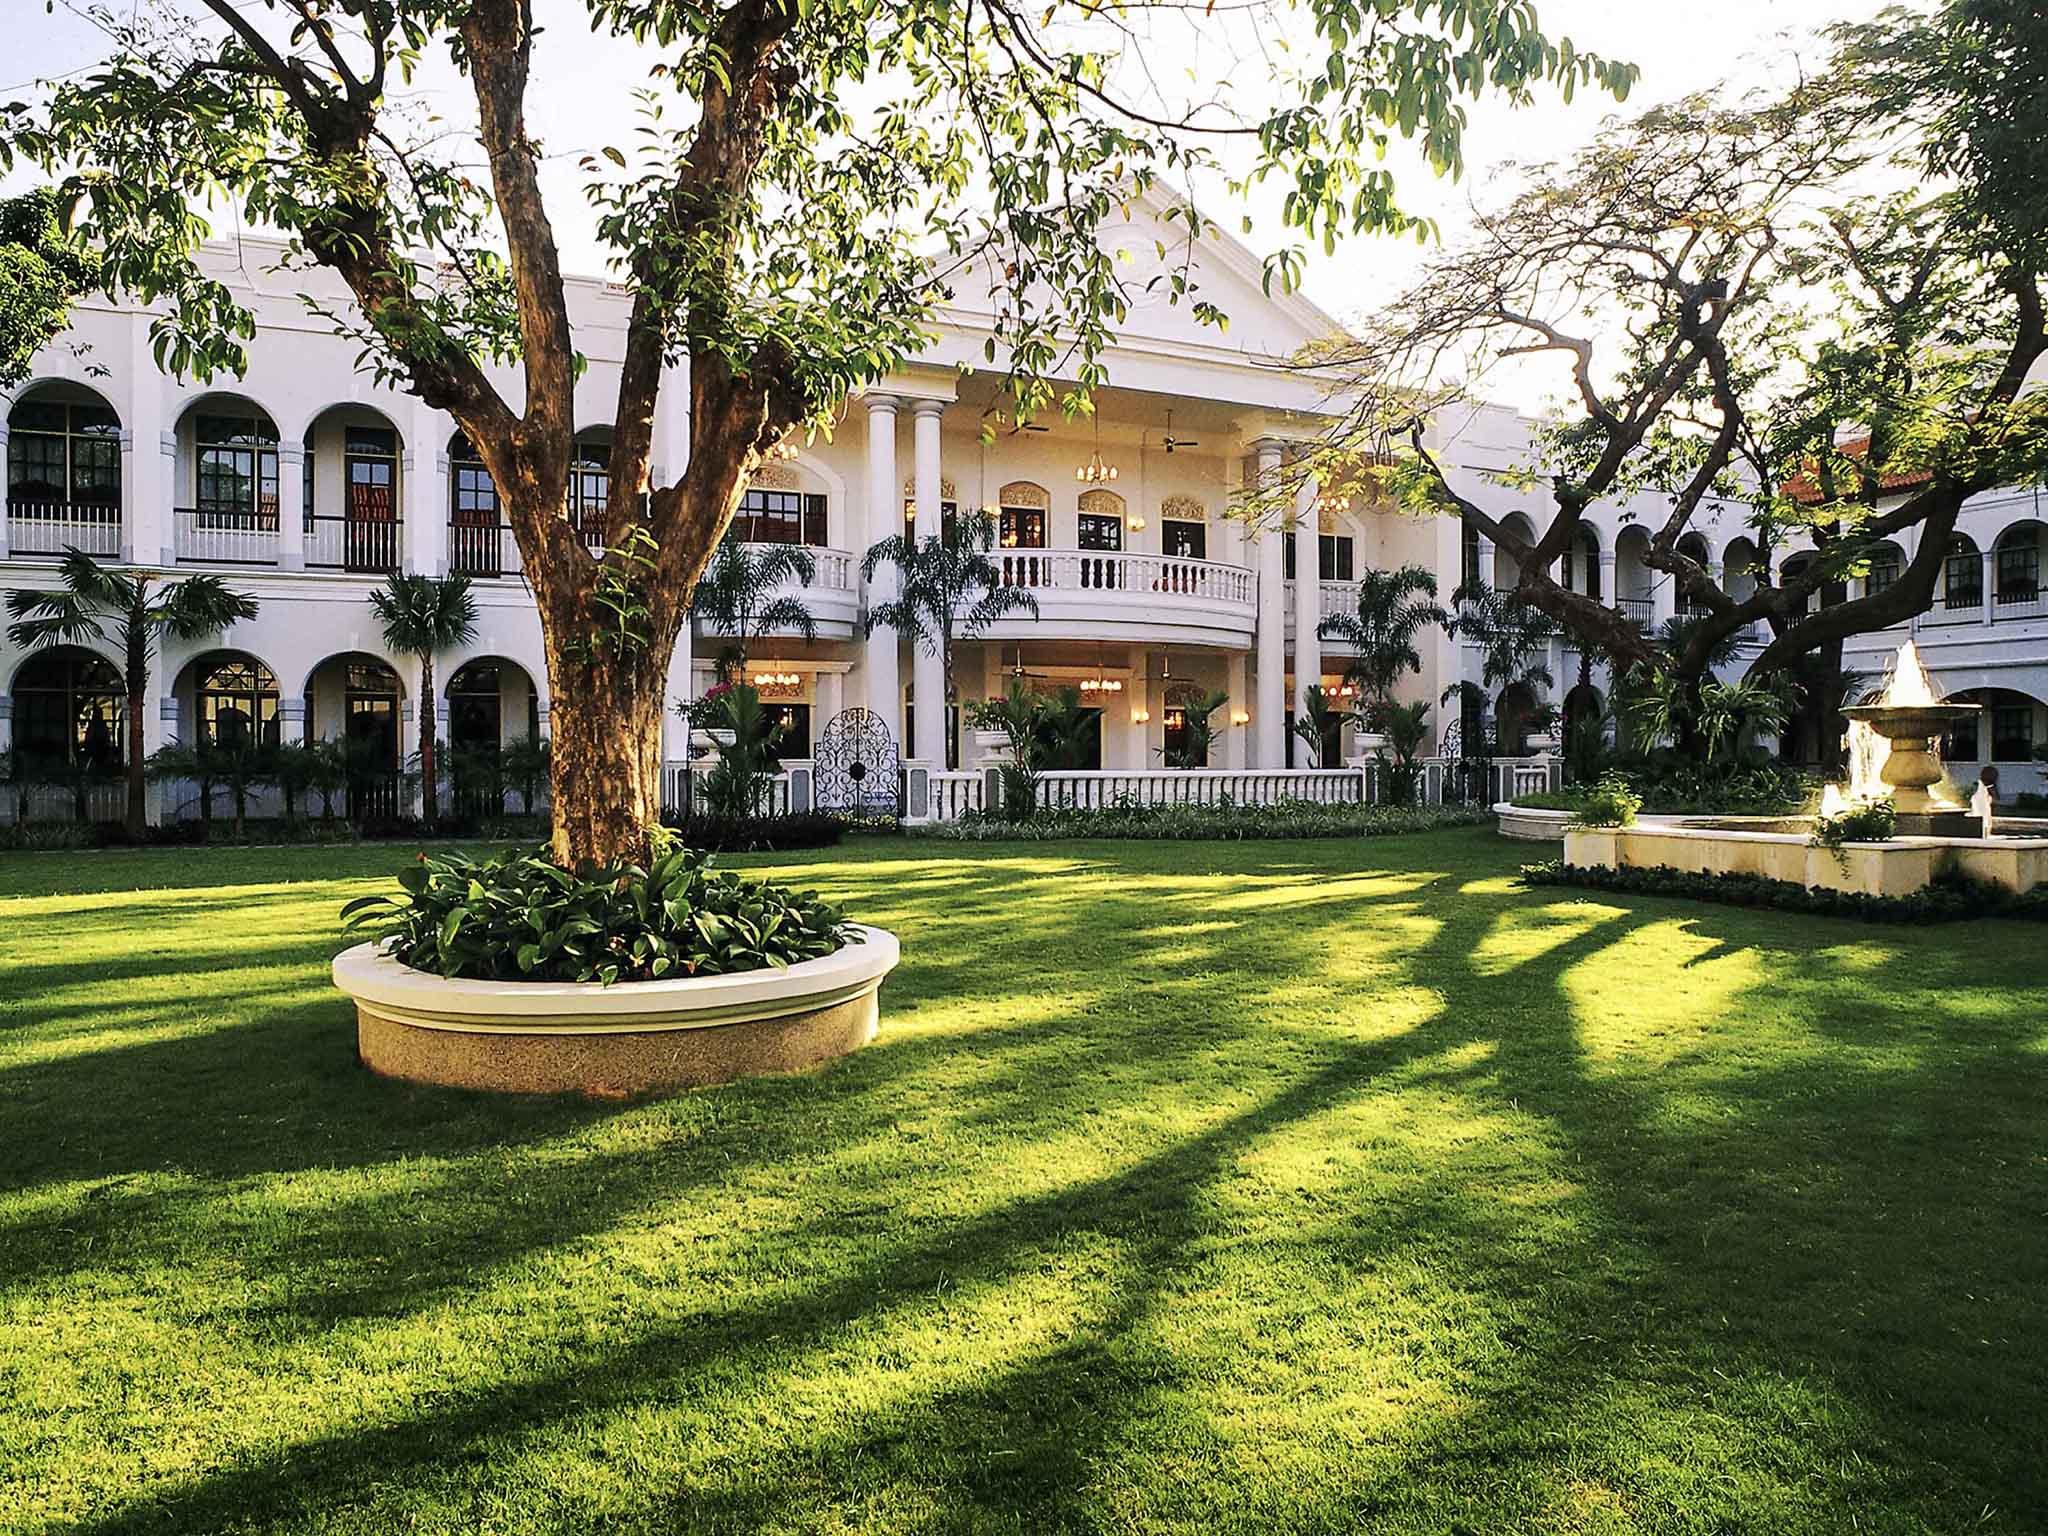 Hotel - Hotel Majapahit Surabaya - Managed by AccorHotels